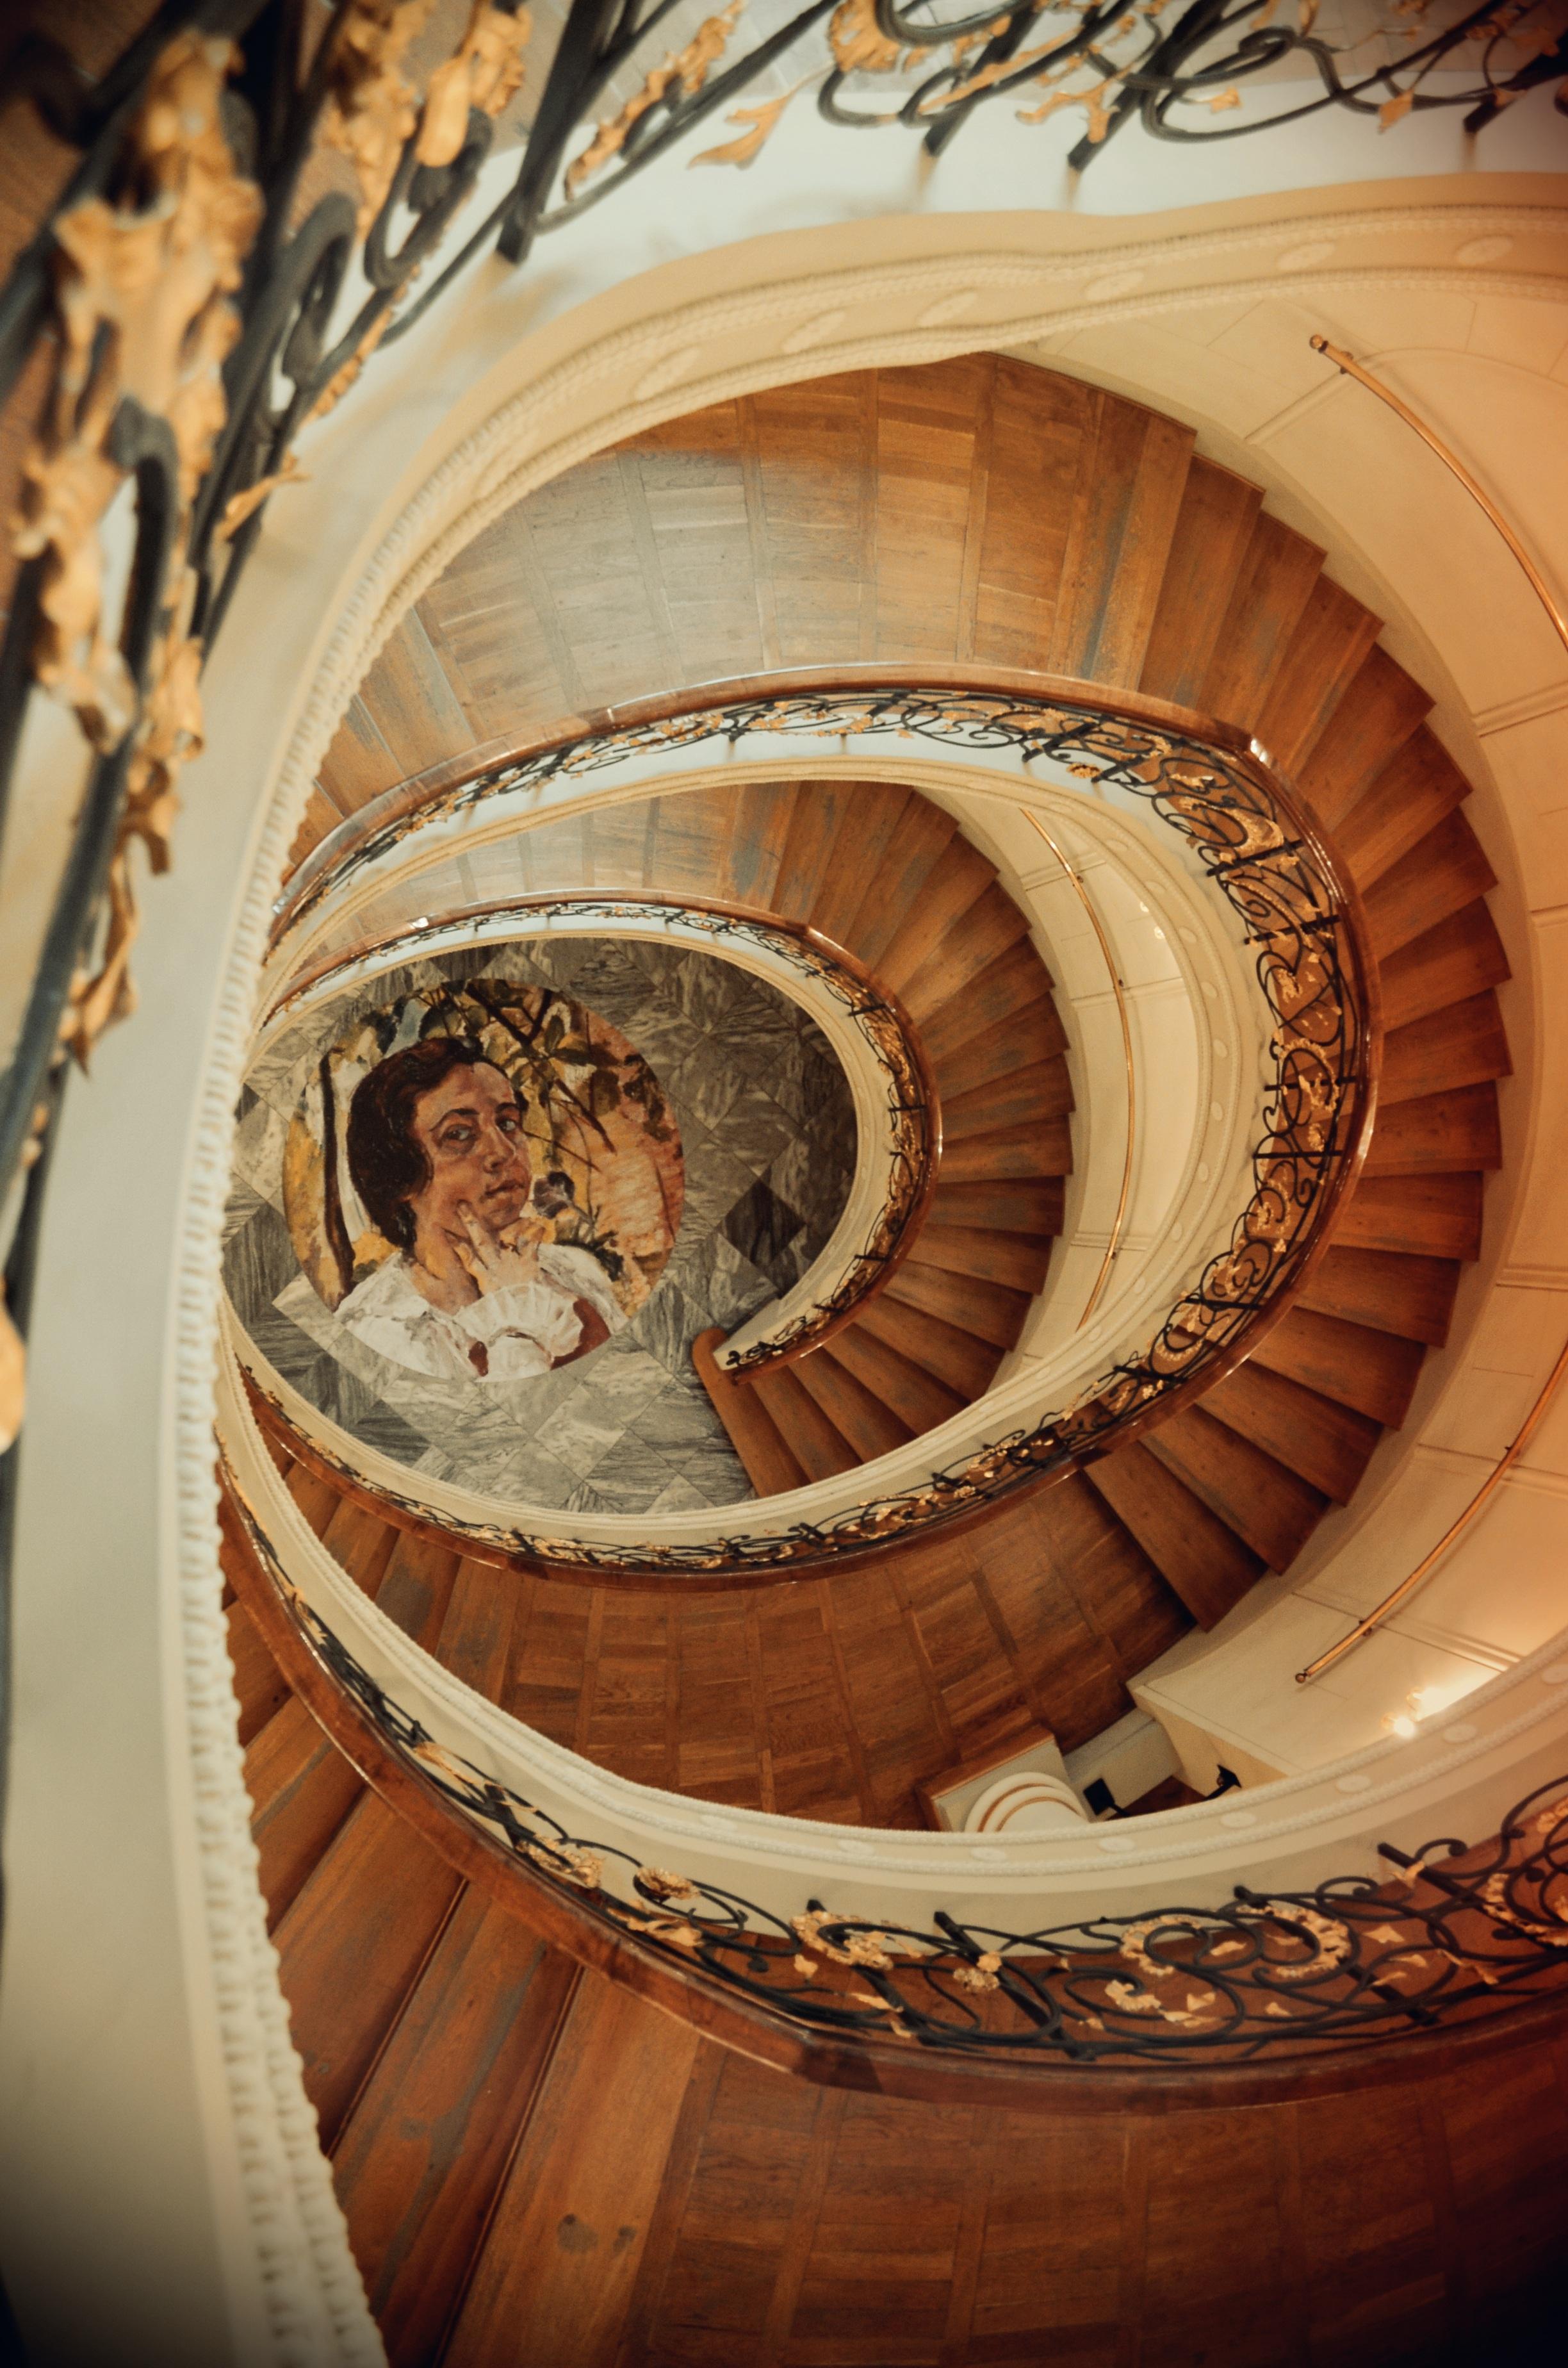 fotos gratis madera blanco fotografa espiral ventana perspectiva edificio antiguo arco barandilla geometra nostalgia escalera